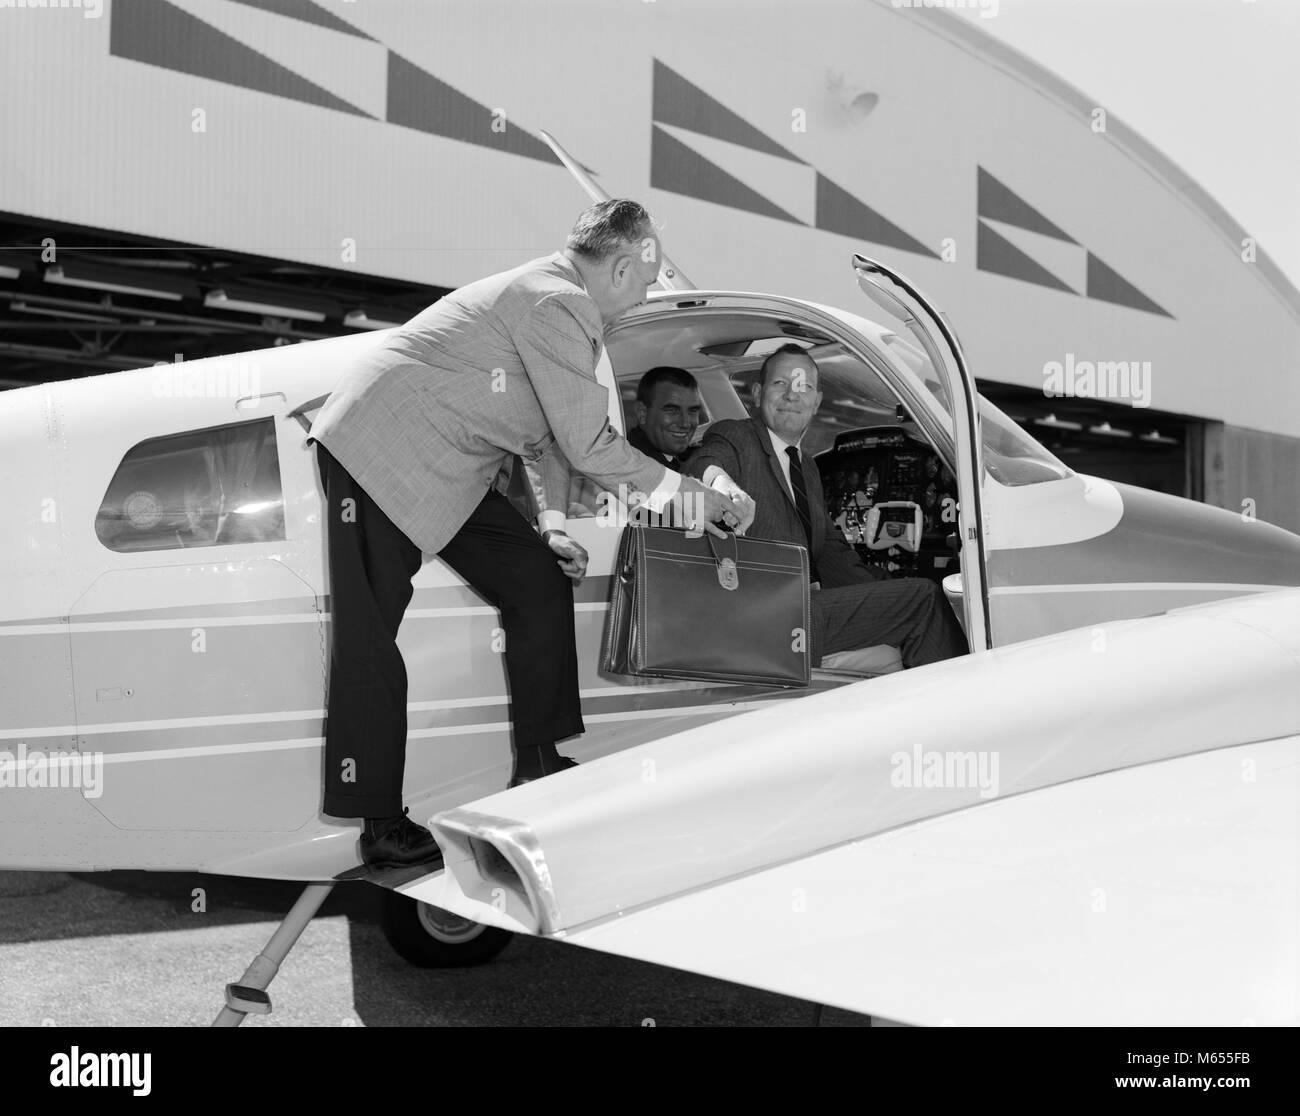 1960 SMILING BUSINESSMEN EN Cessna 310G AVION BIMOTEUR REMISE HOMME Serviette en cuir à PASSAGER - UN5808 KRU001 Photo Stock